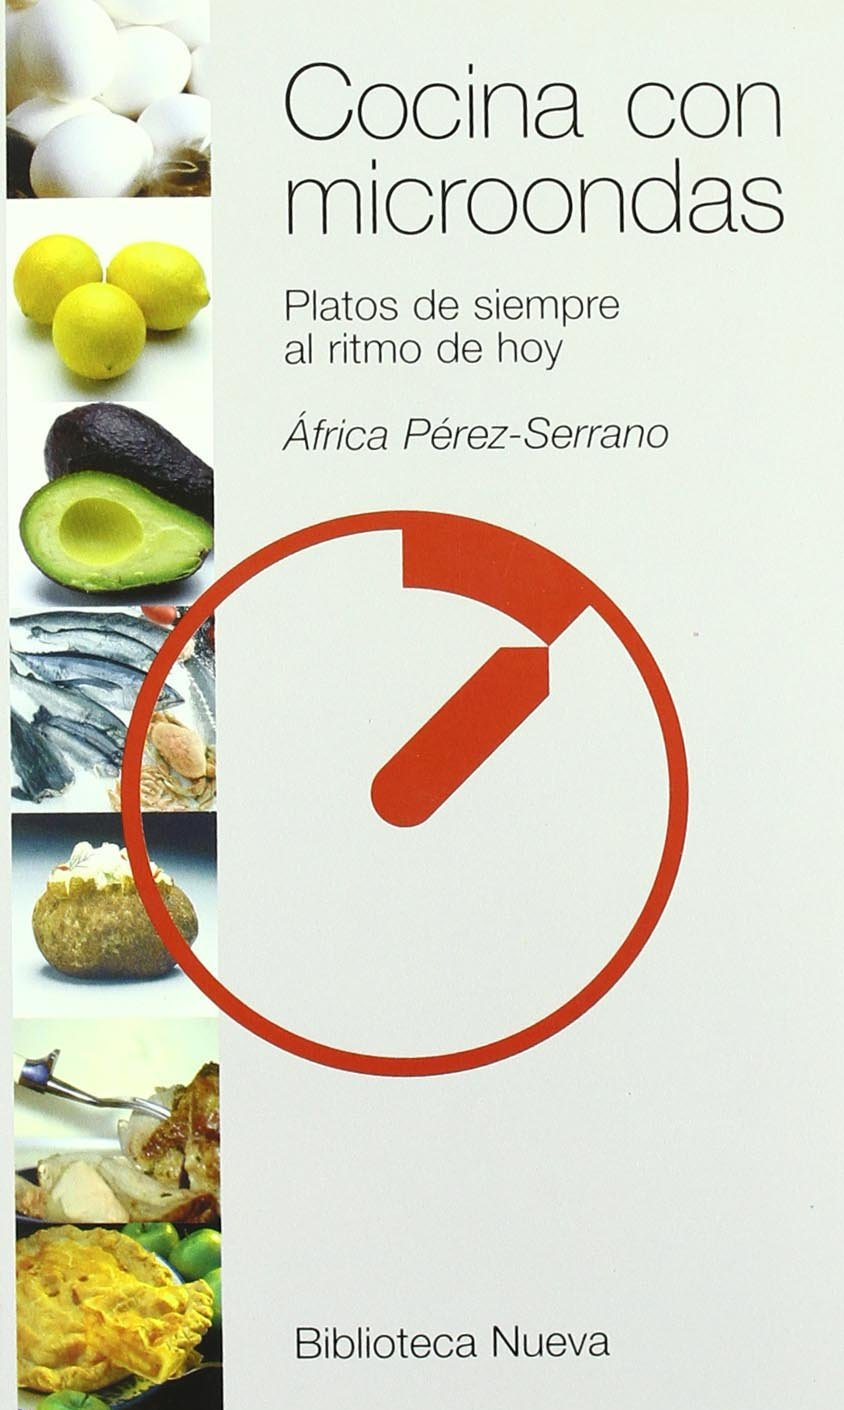 Cocina con Microondas: 9788470305344: Amazon.com: Books